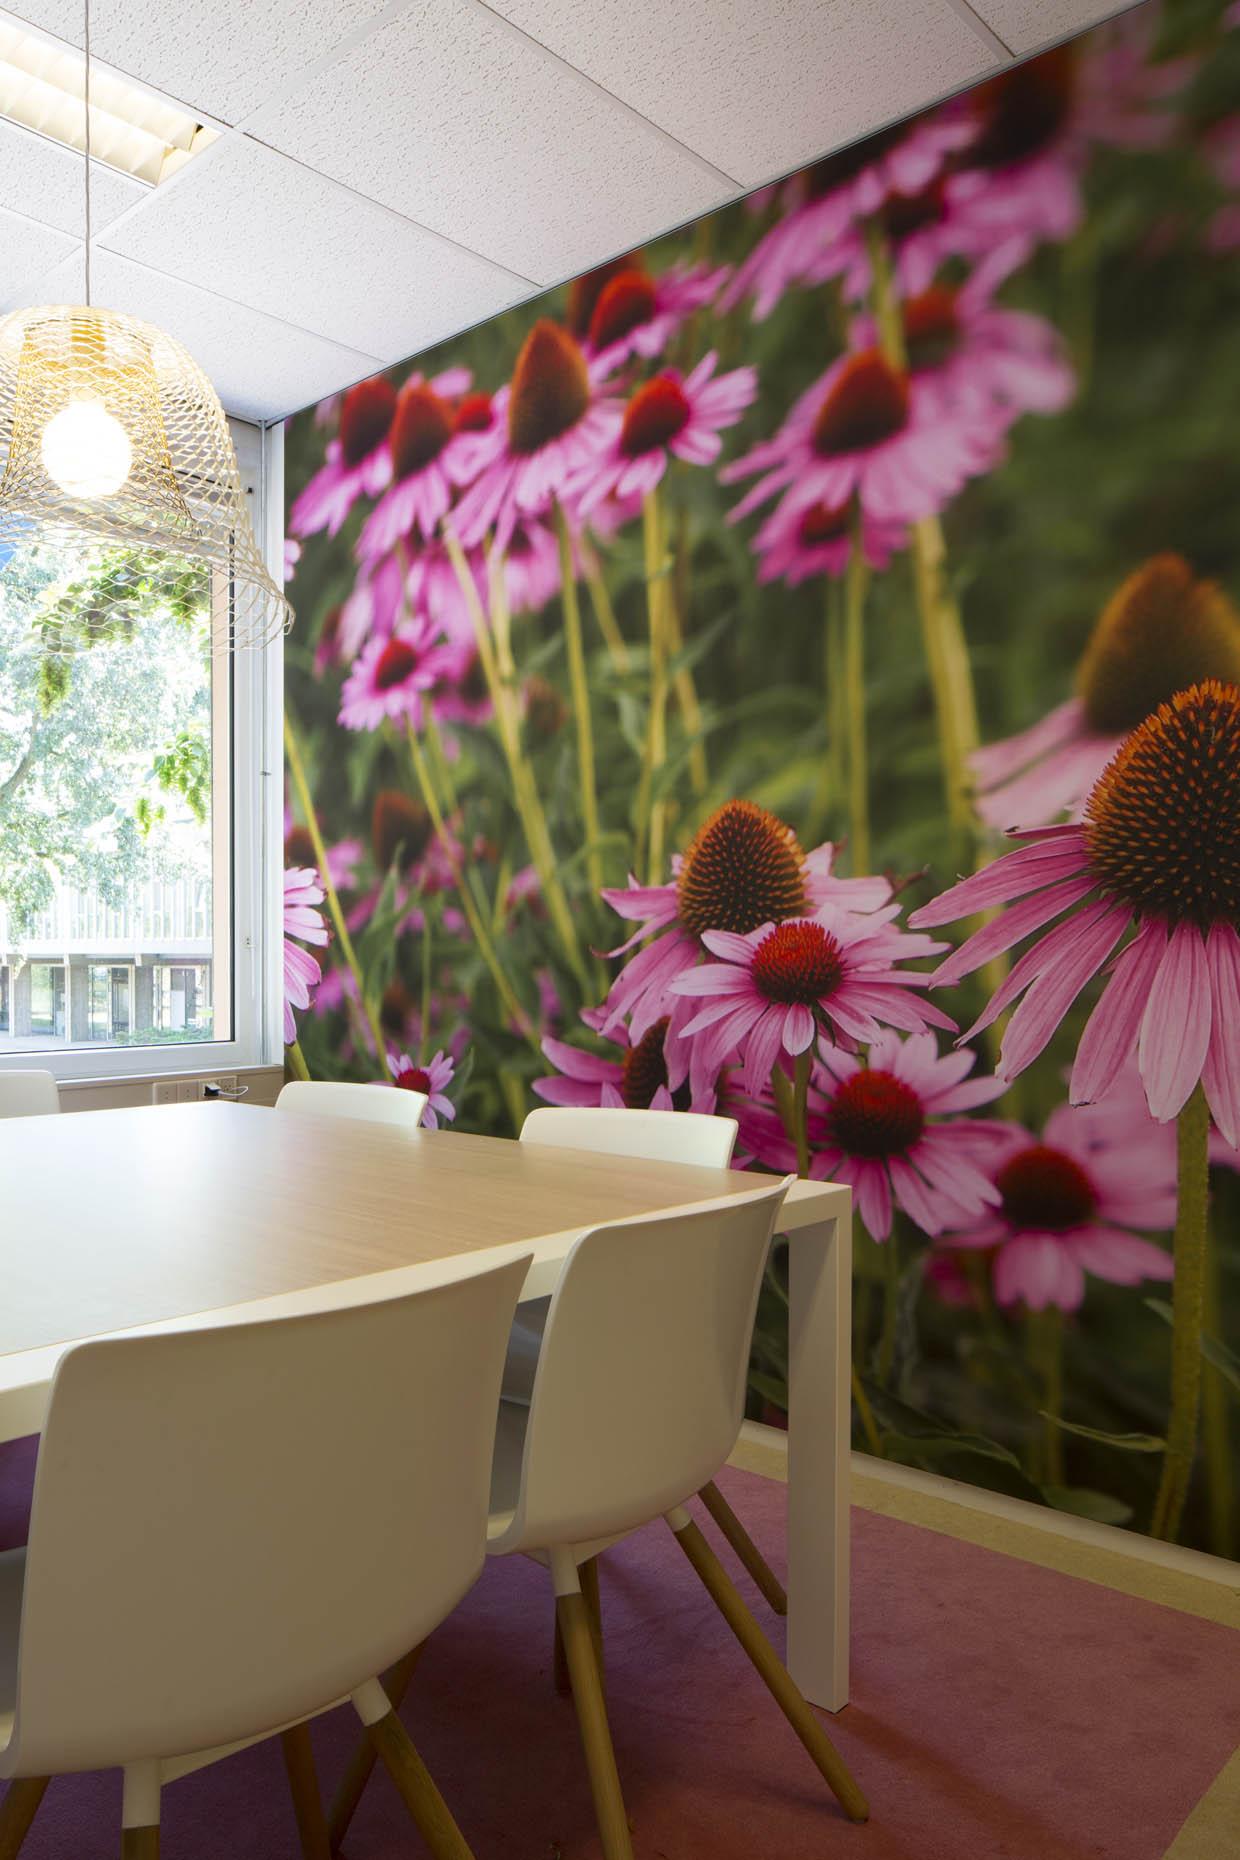 radboud-health-academy-0031_3k9a1069-fotografie-matthijs-borghgraef